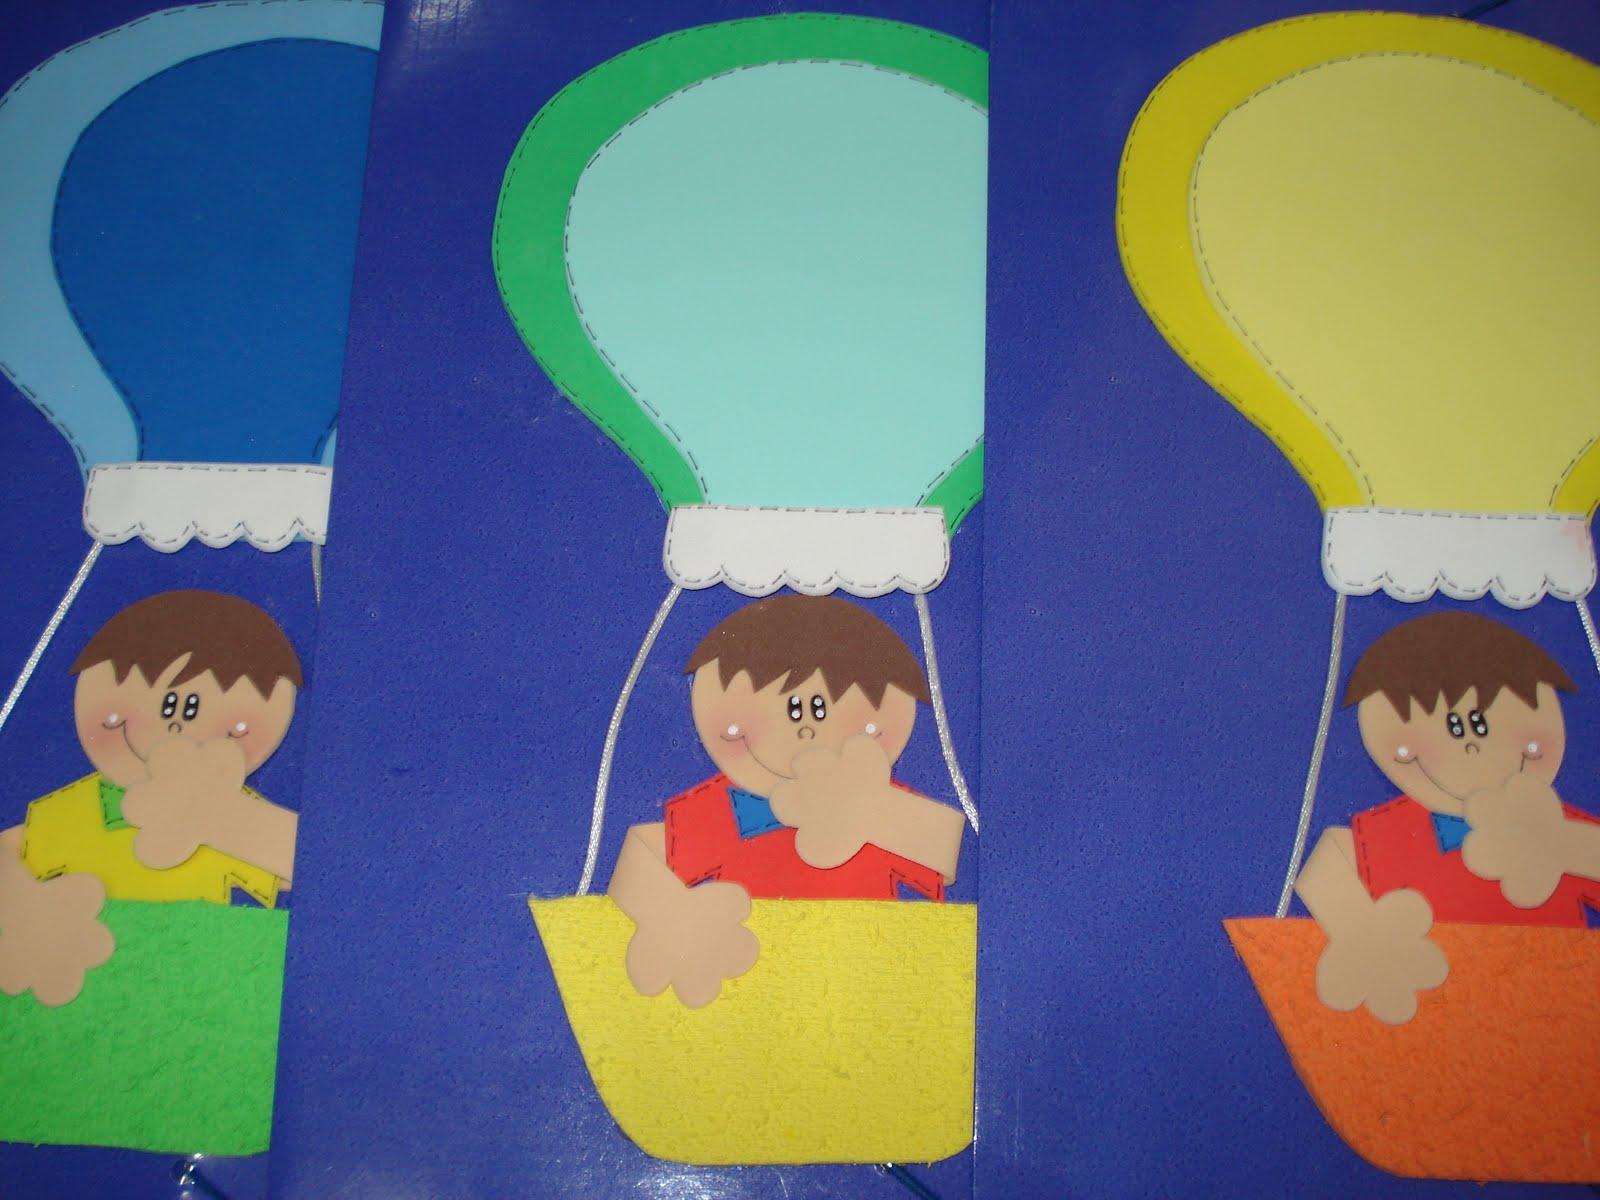 para as tarefas de casa, no meio do balão a professora escreveu o